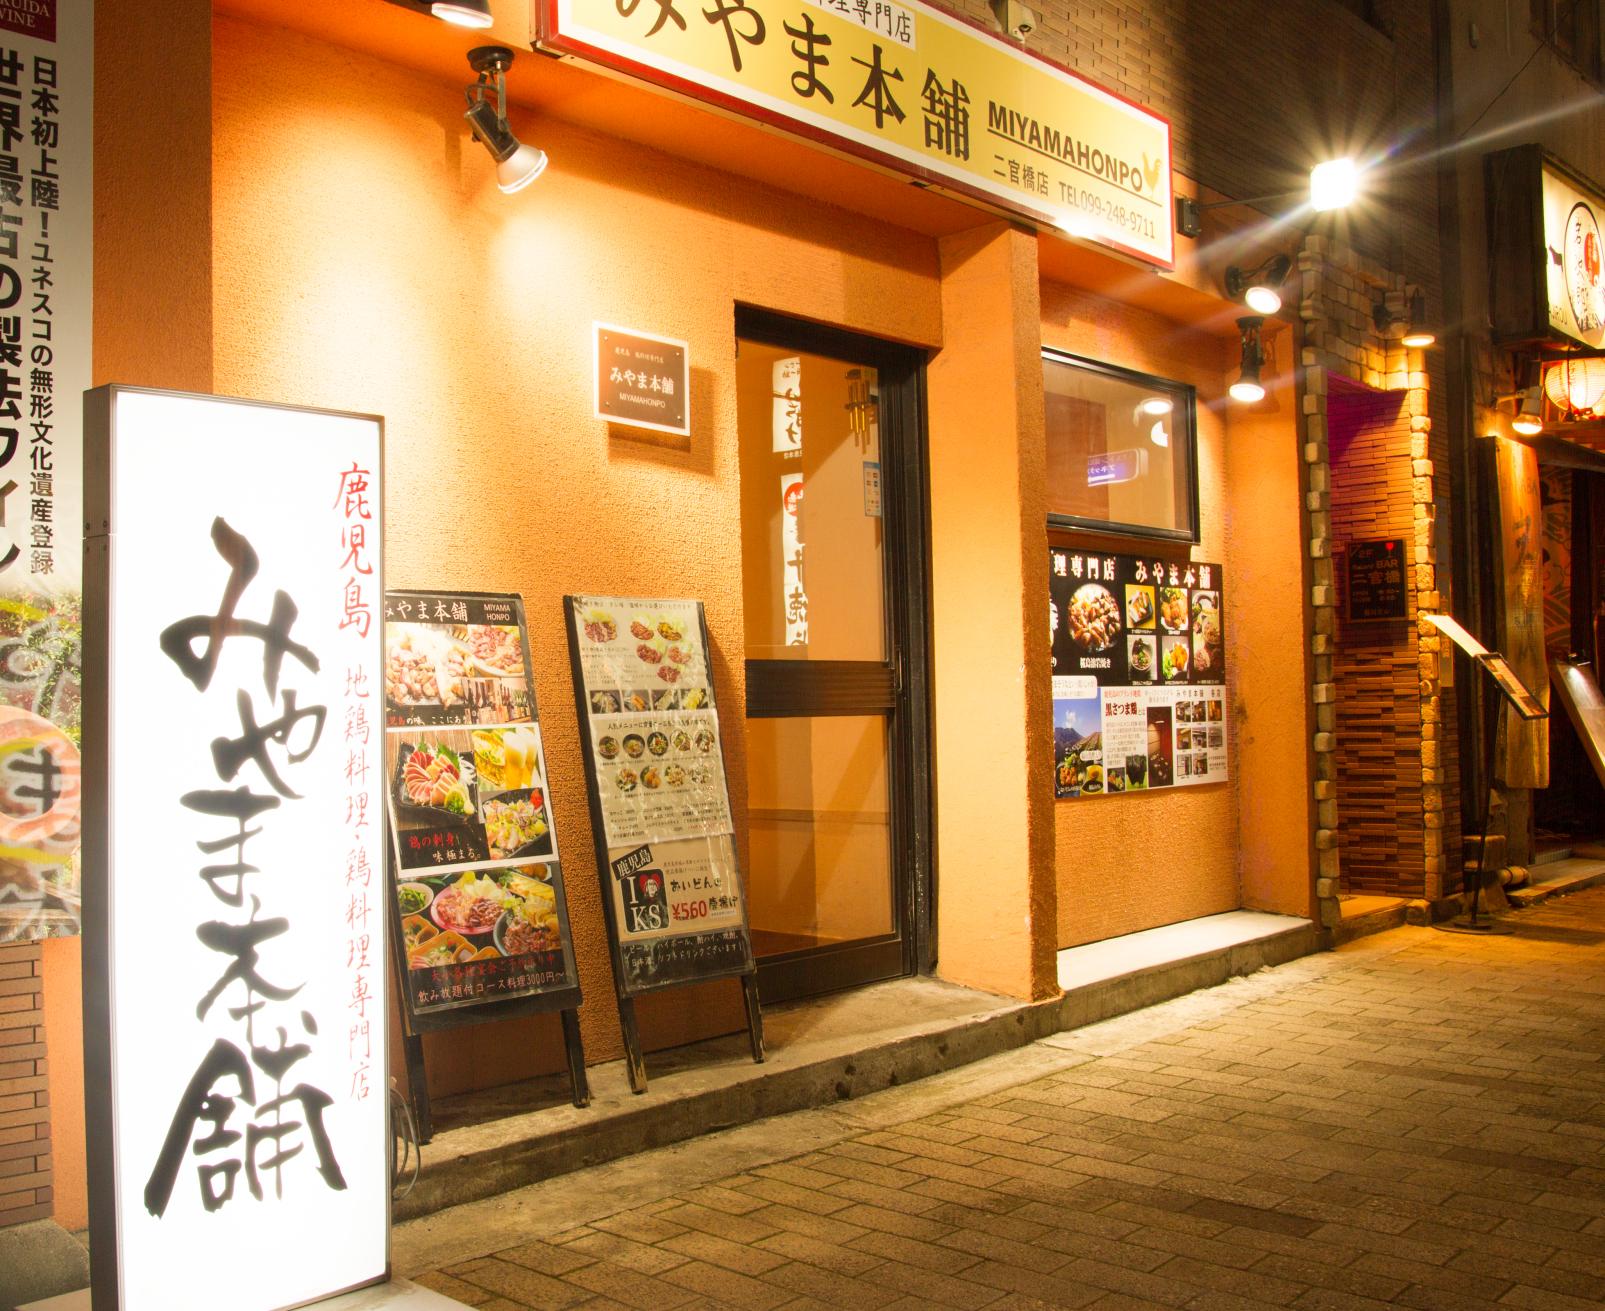 土鸡/鸡肉料理MIYAMA本铺 二官桥通店-1